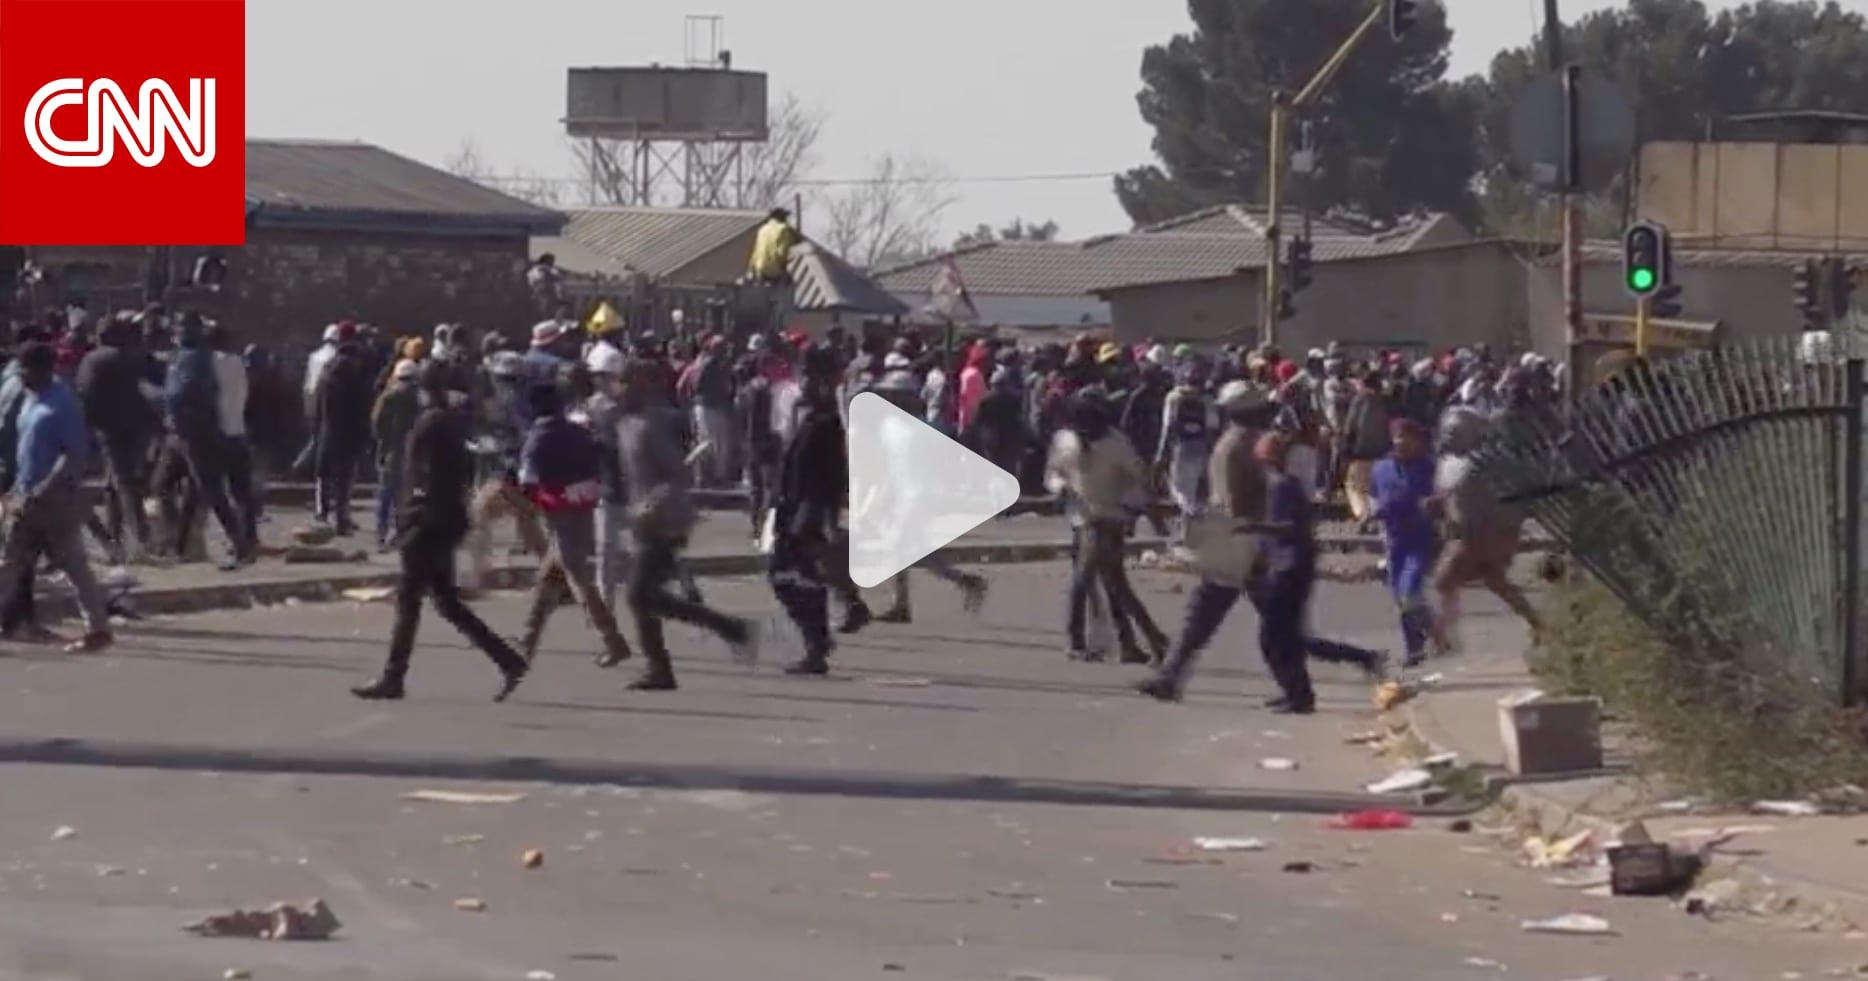 احتجاجات سجن جاكوب زوما تتحول إلى فوضى وعنف ونهب في جنوب أفريقيا